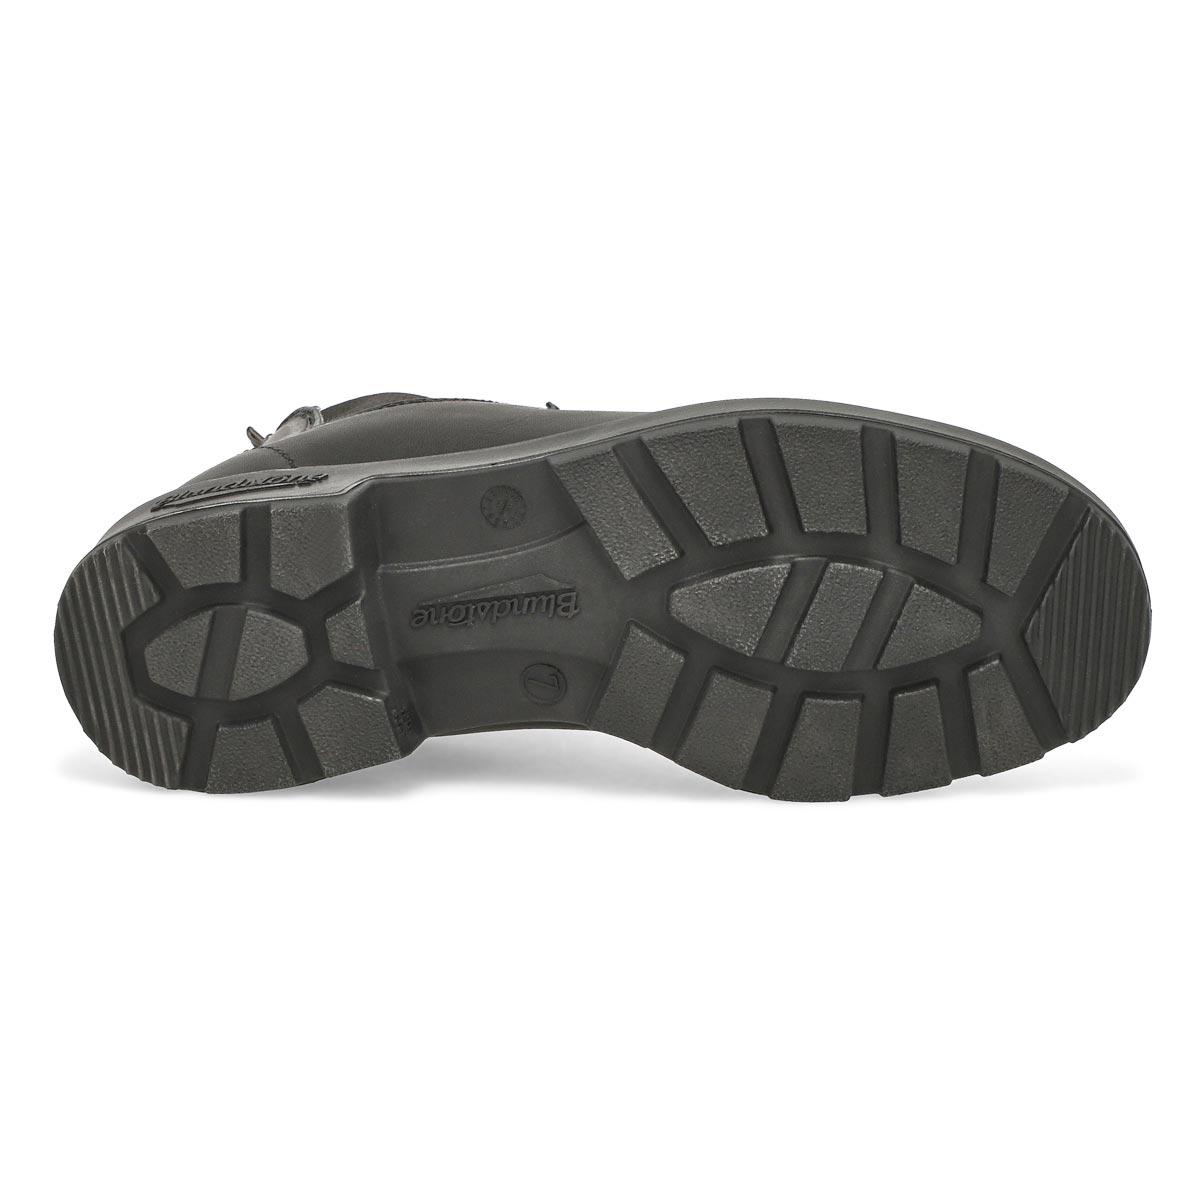 Unisex 510 Original Boot - Black